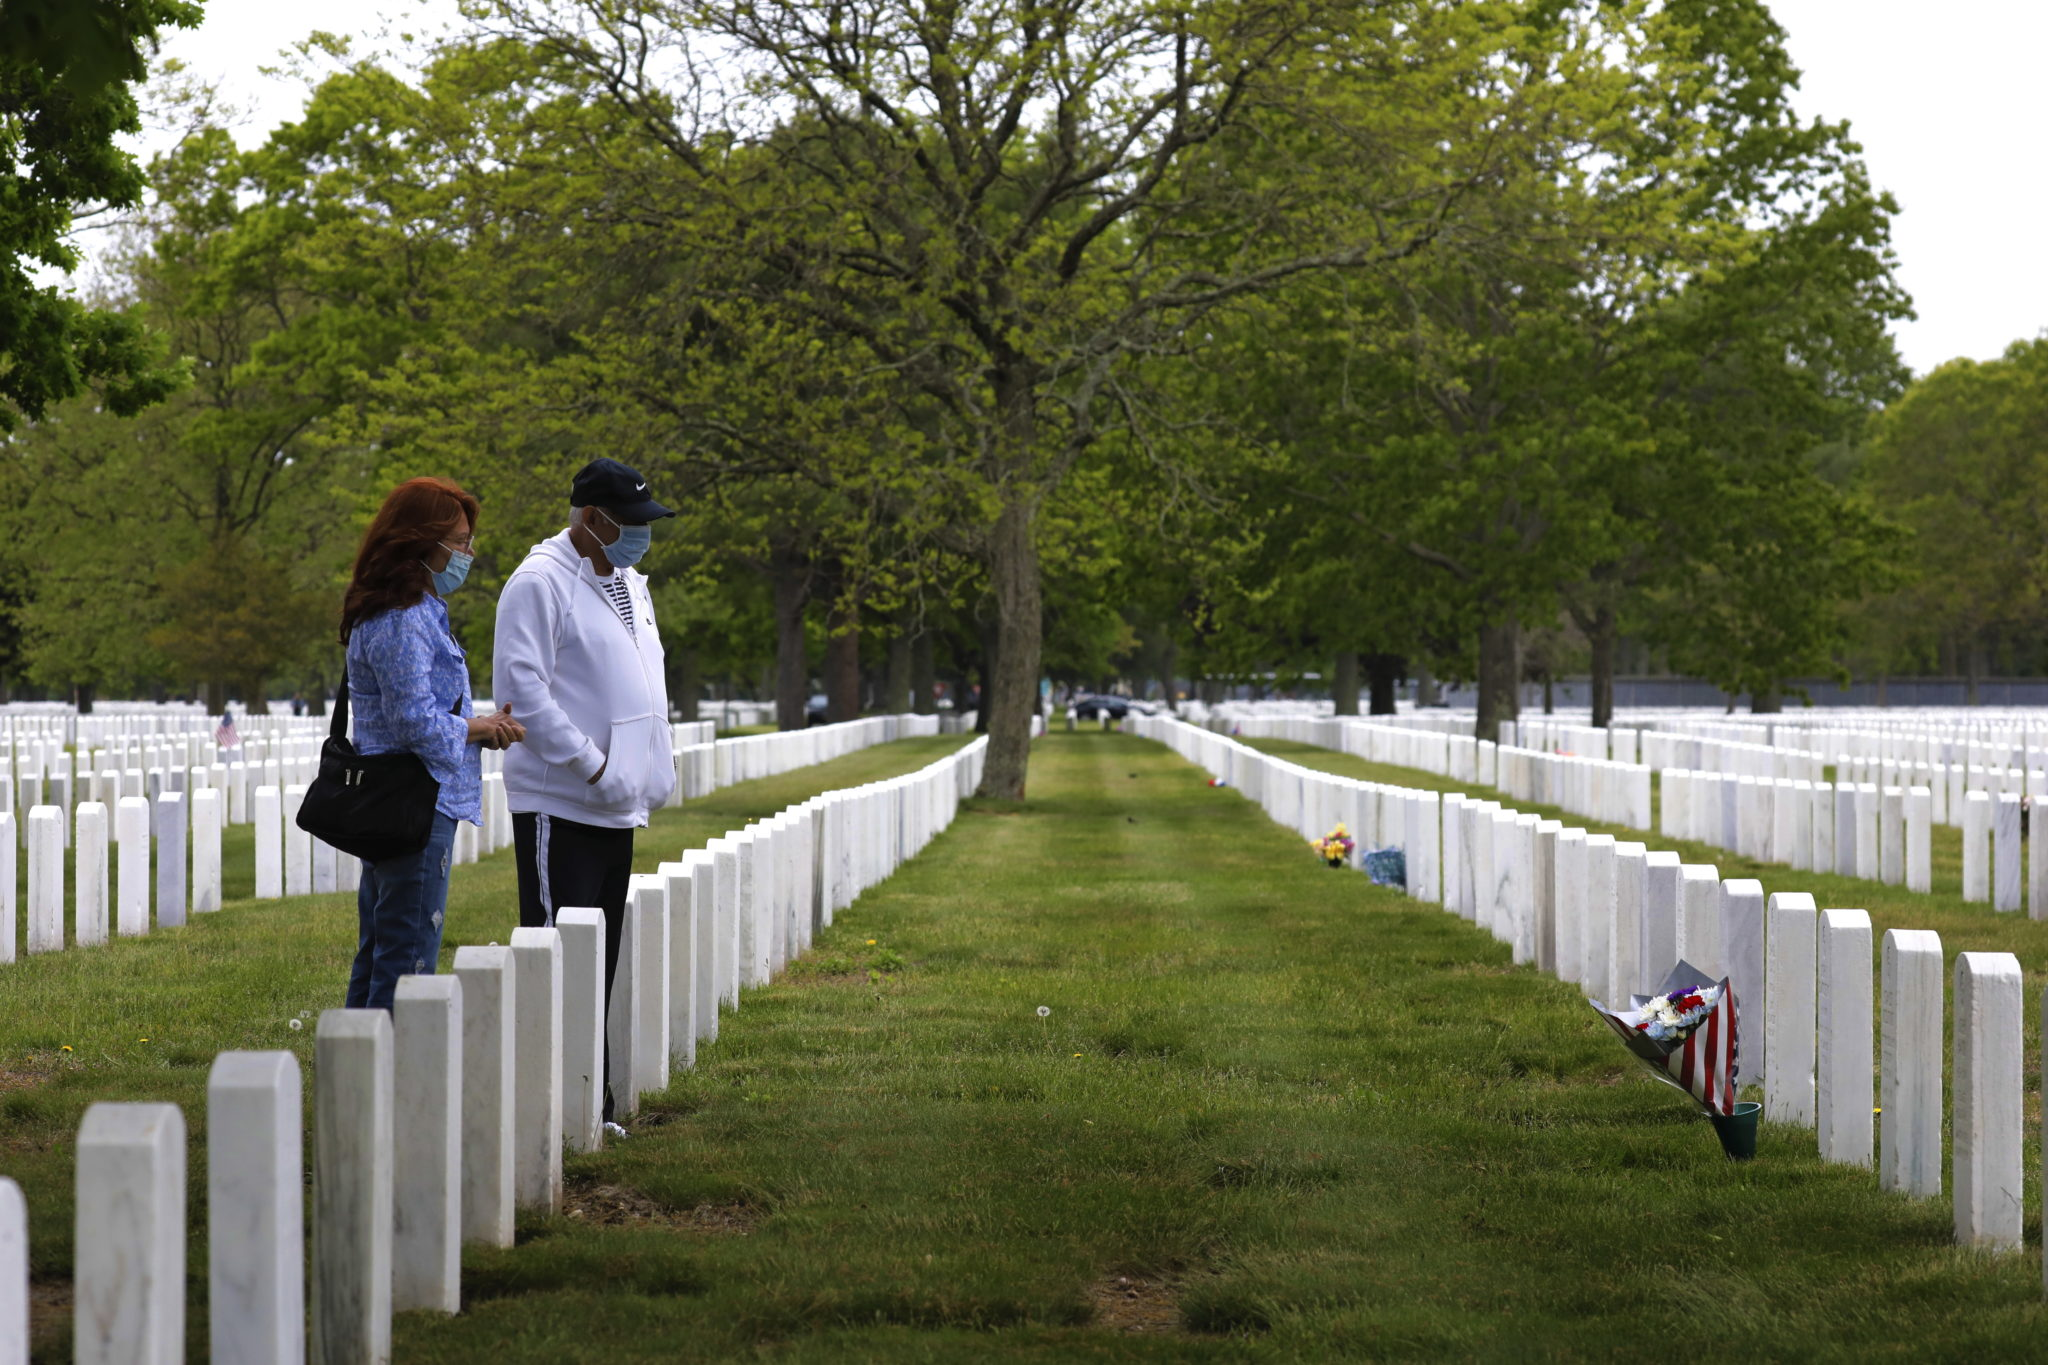 USA: Dzień Pamięci, to dzień dla uczczenia żołnierzy, którzy zginęli podczas służby w siłach zbrojnych USA, fot. EPA/Peter Foley